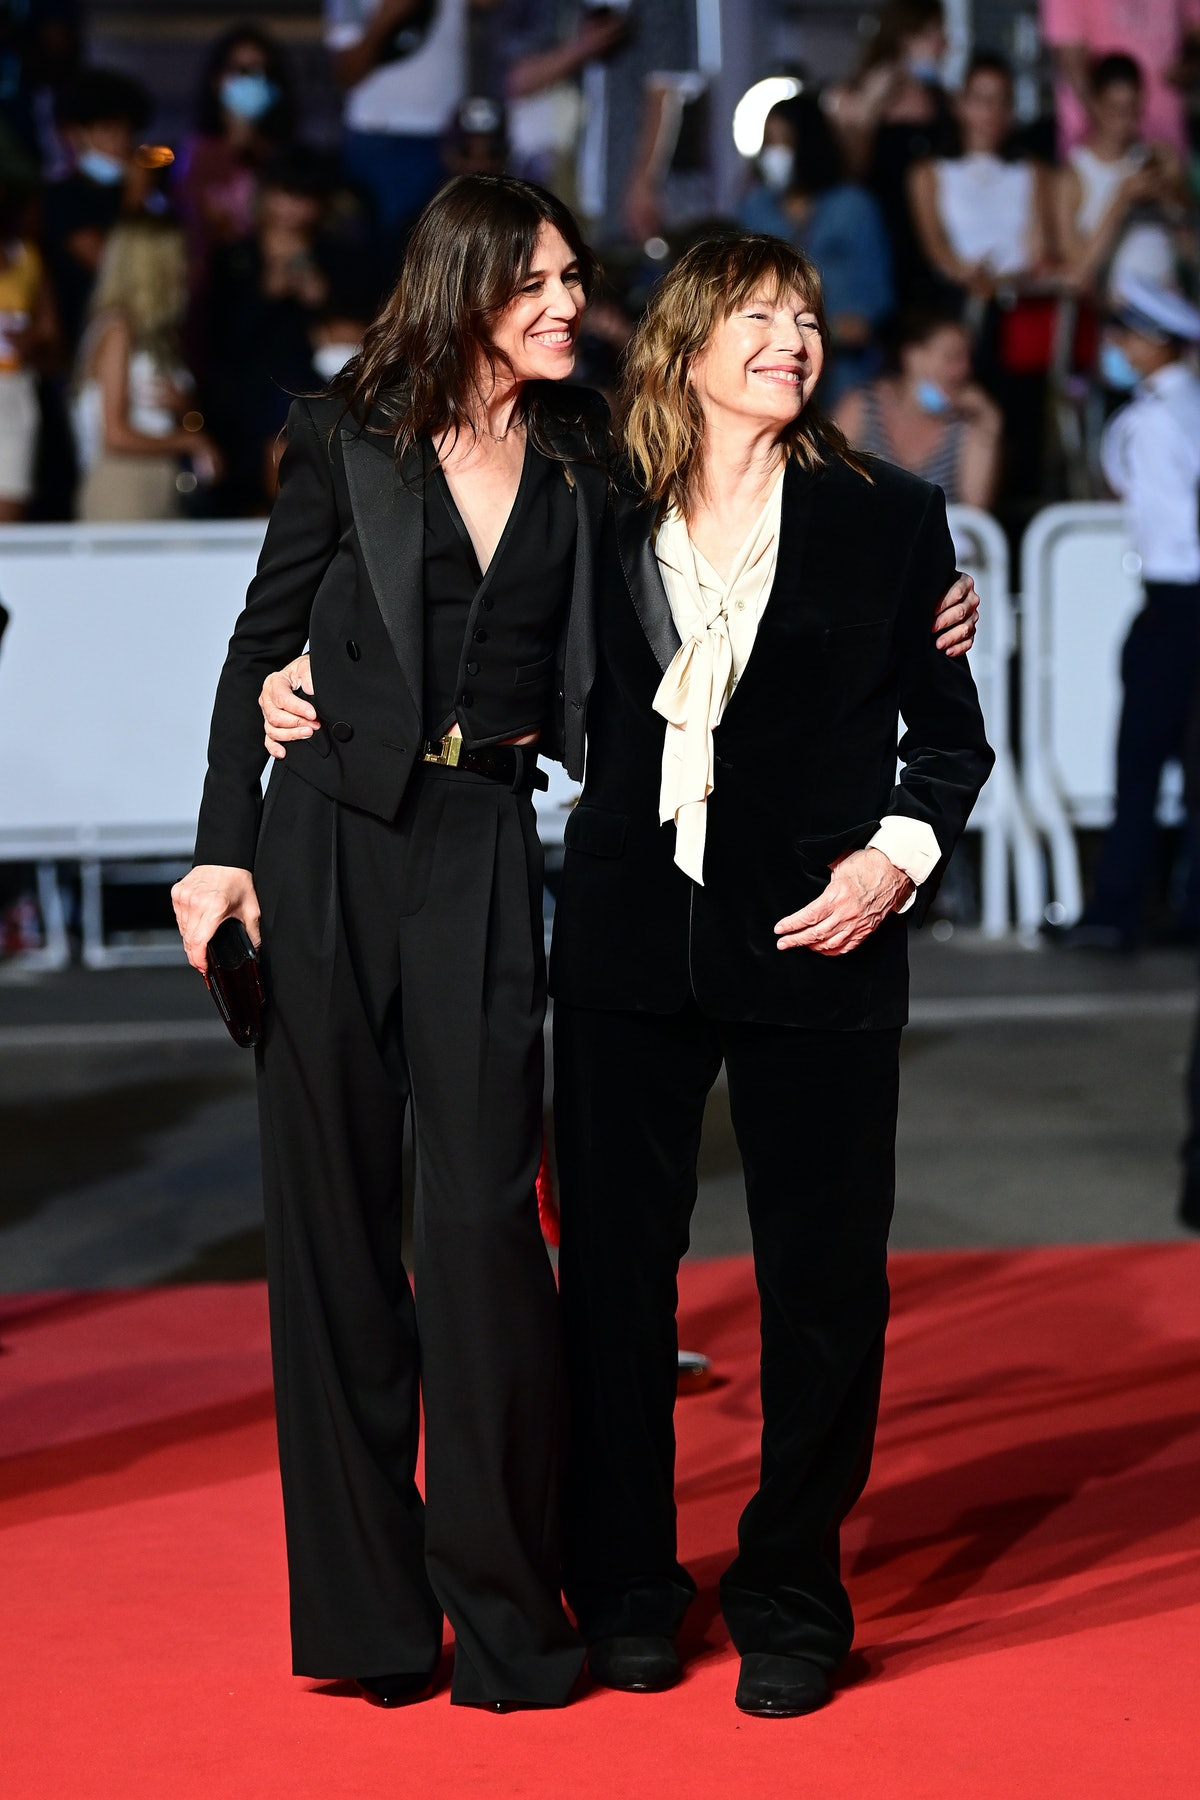 Charlotte Gainsbourg and Jane Birkin